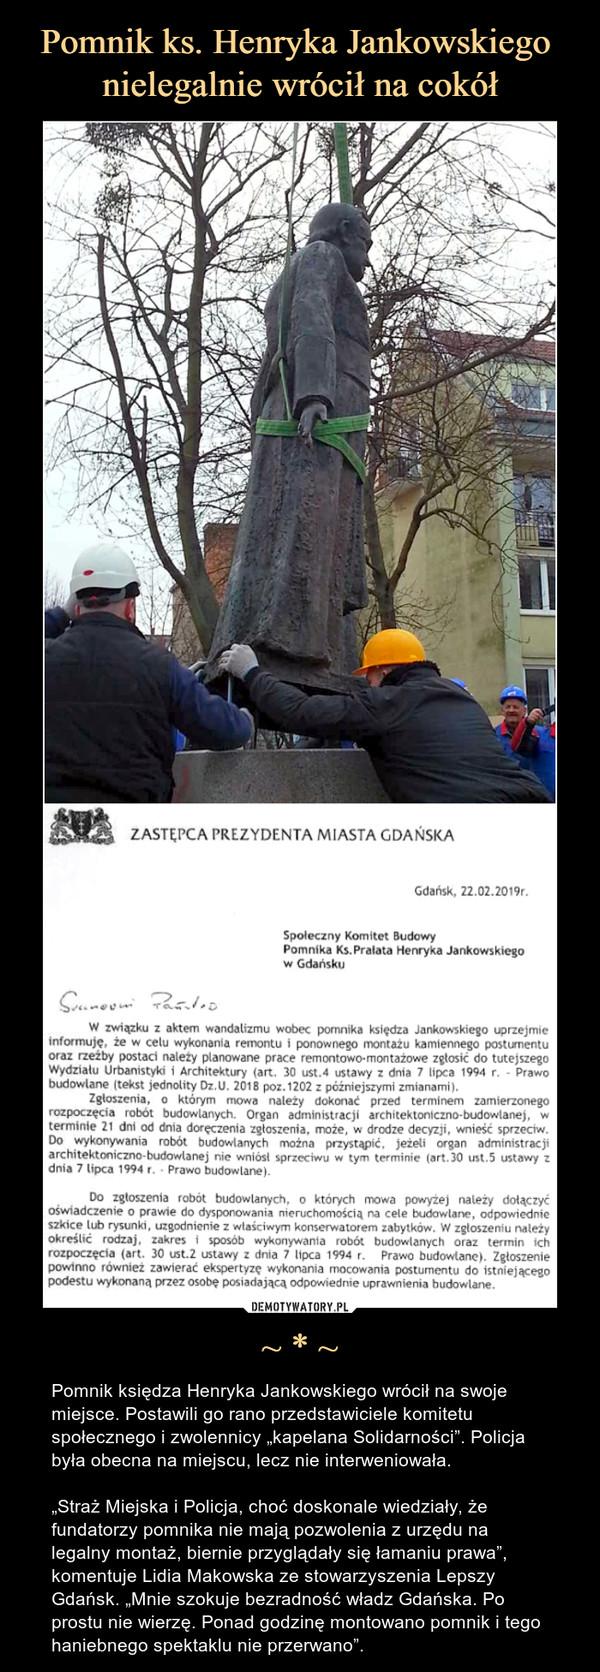 """~ * ~ – Pomnik księdza Henryka Jankowskiego wrócił na swoje miejsce. Postawili go rano przedstawiciele komitetu społecznego i zwolennicy """"kapelana Solidarności"""". Policja była obecna na miejscu, lecz nie interweniowała.""""Straż Miejska i Policja, choć doskonale wiedziały, że fundatorzy pomnika nie mają pozwolenia z urzędu na legalny montaż, biernie przyglądały się łamaniu prawa"""", komentuje Lidia Makowska ze stowarzyszenia Lepszy Gdańsk. """"Mnie szokuje bezradność władz Gdańska. Po prostu nie wierzę. Ponad godzinę montowano pomnik i tego haniebnego spektaklu nie przerwano""""."""